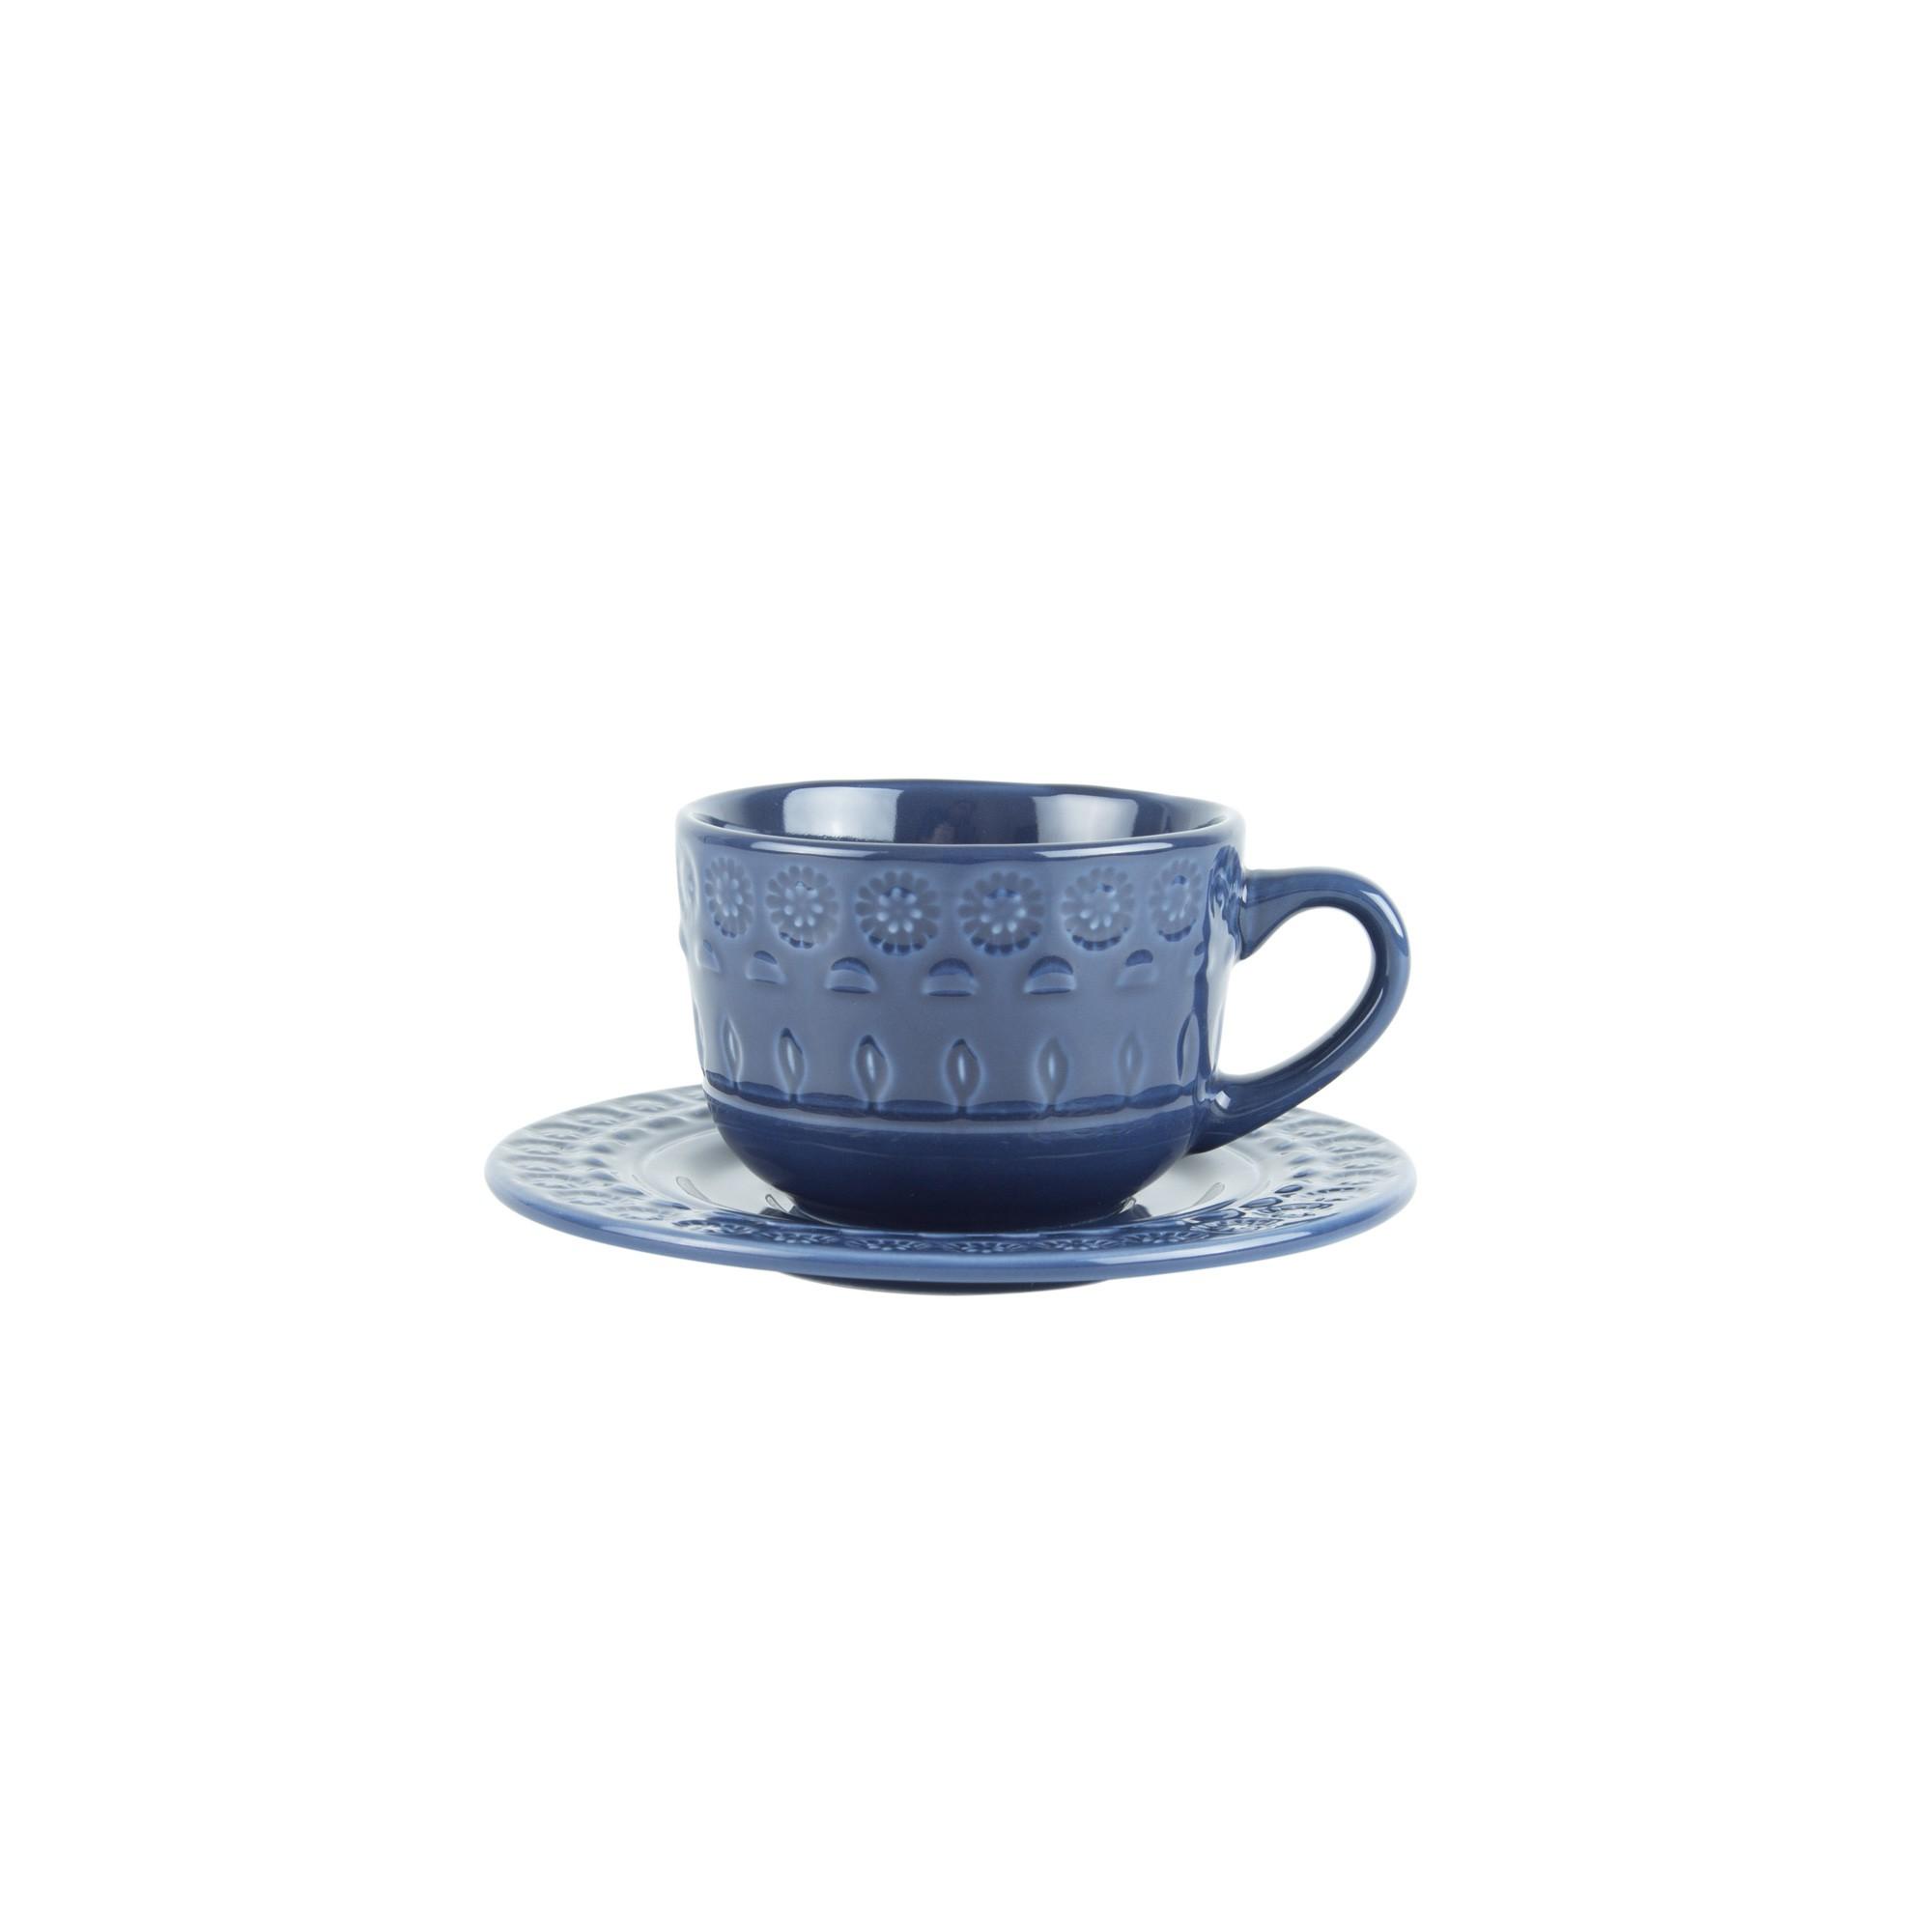 Jogo 4 xícaras 80ml para café de porcelana azul com pires Grace Wolff - 17564